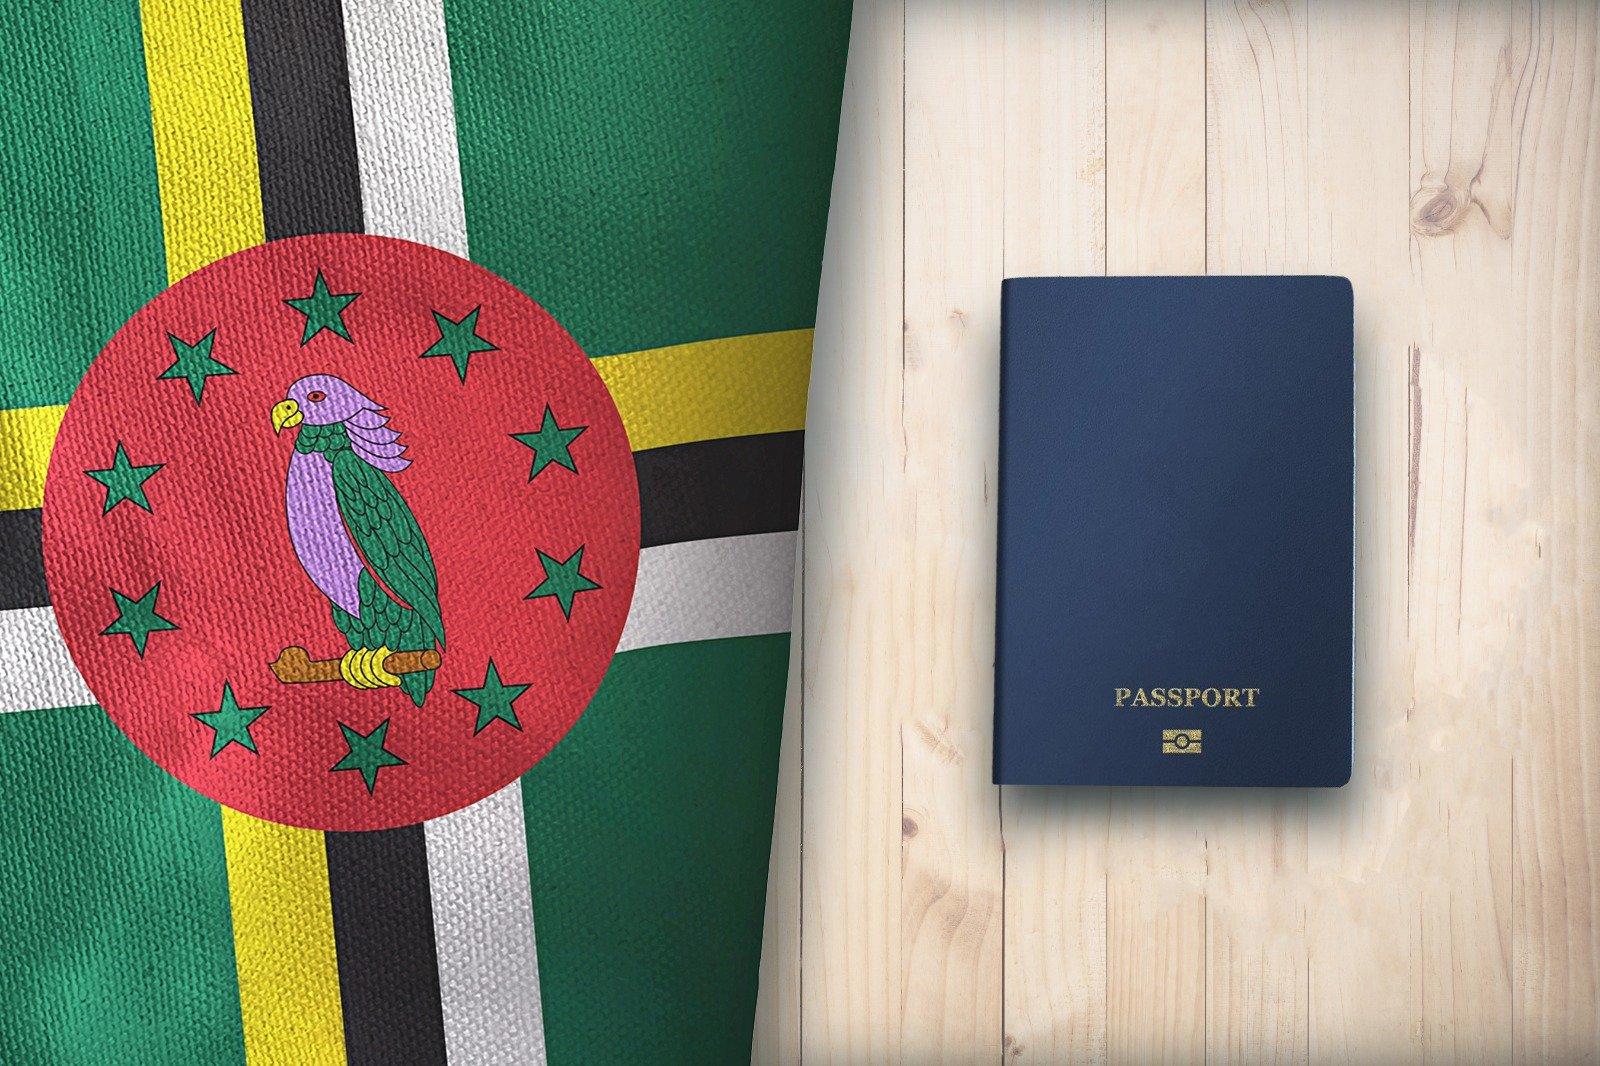 Dominica Announces Launch of E-Passport